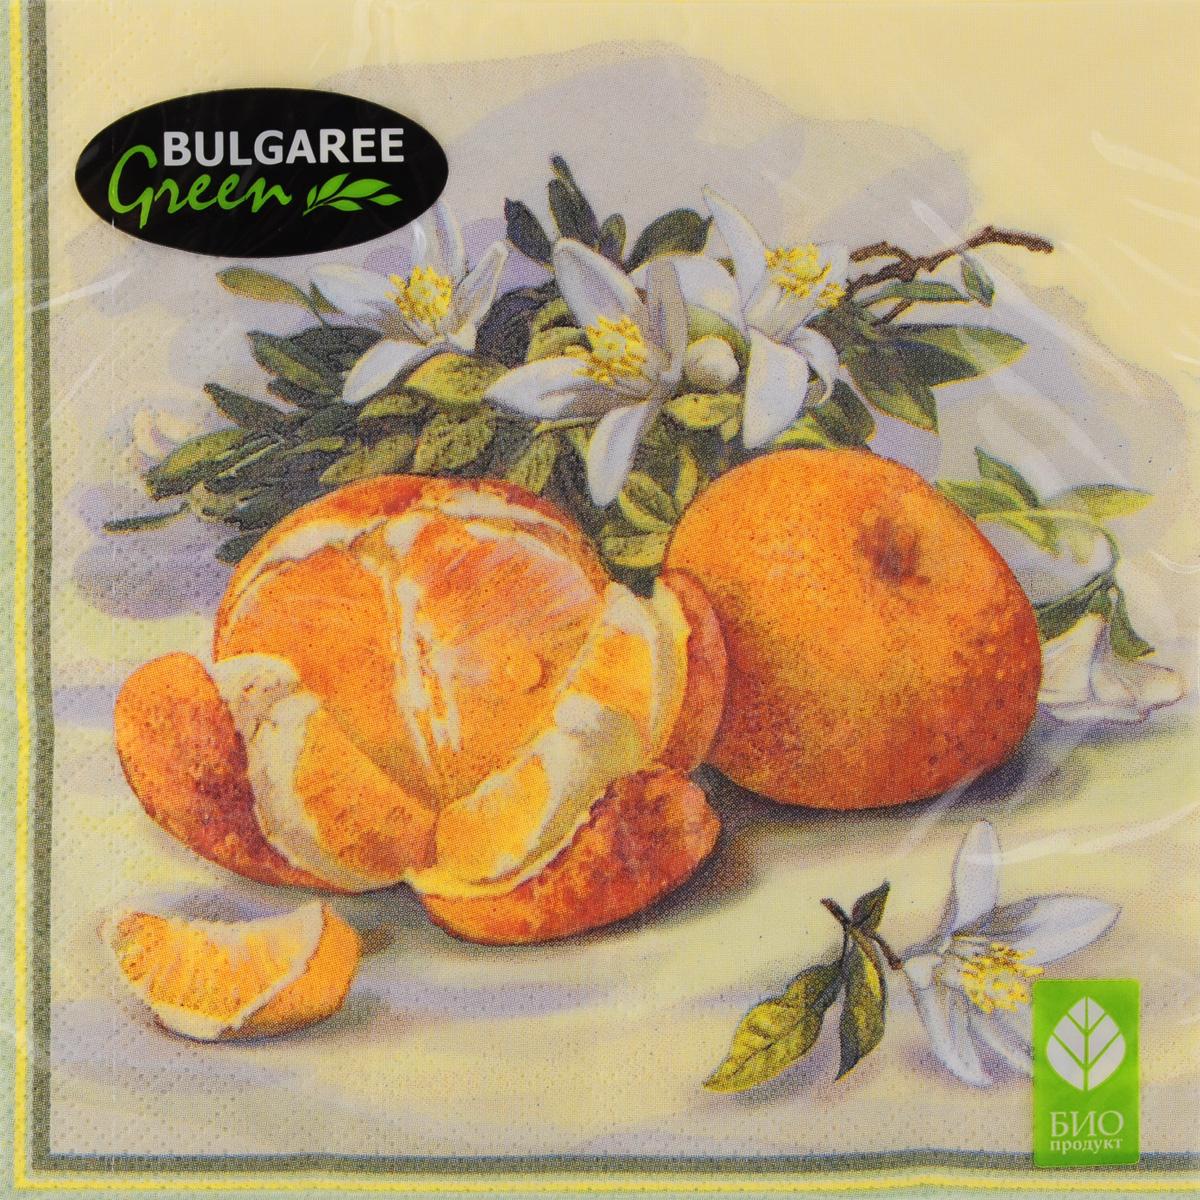 Салфетки бумажные Bulgaree Green Апельсины, трехслойные, 33 х 33 см, 20 шт1001989Декоративные трехслойные салфетки Bulgaree Green Апельсины выполнены из 100% целлюлозы европейского качества и оформлены ярким рисунком. Изделия станут отличным дополнением любого праздничного стола. Они отличаются необычной мягкостью, прочностью и оригинальностью. Размер салфеток в развернутом виде: 33 х 33 см.